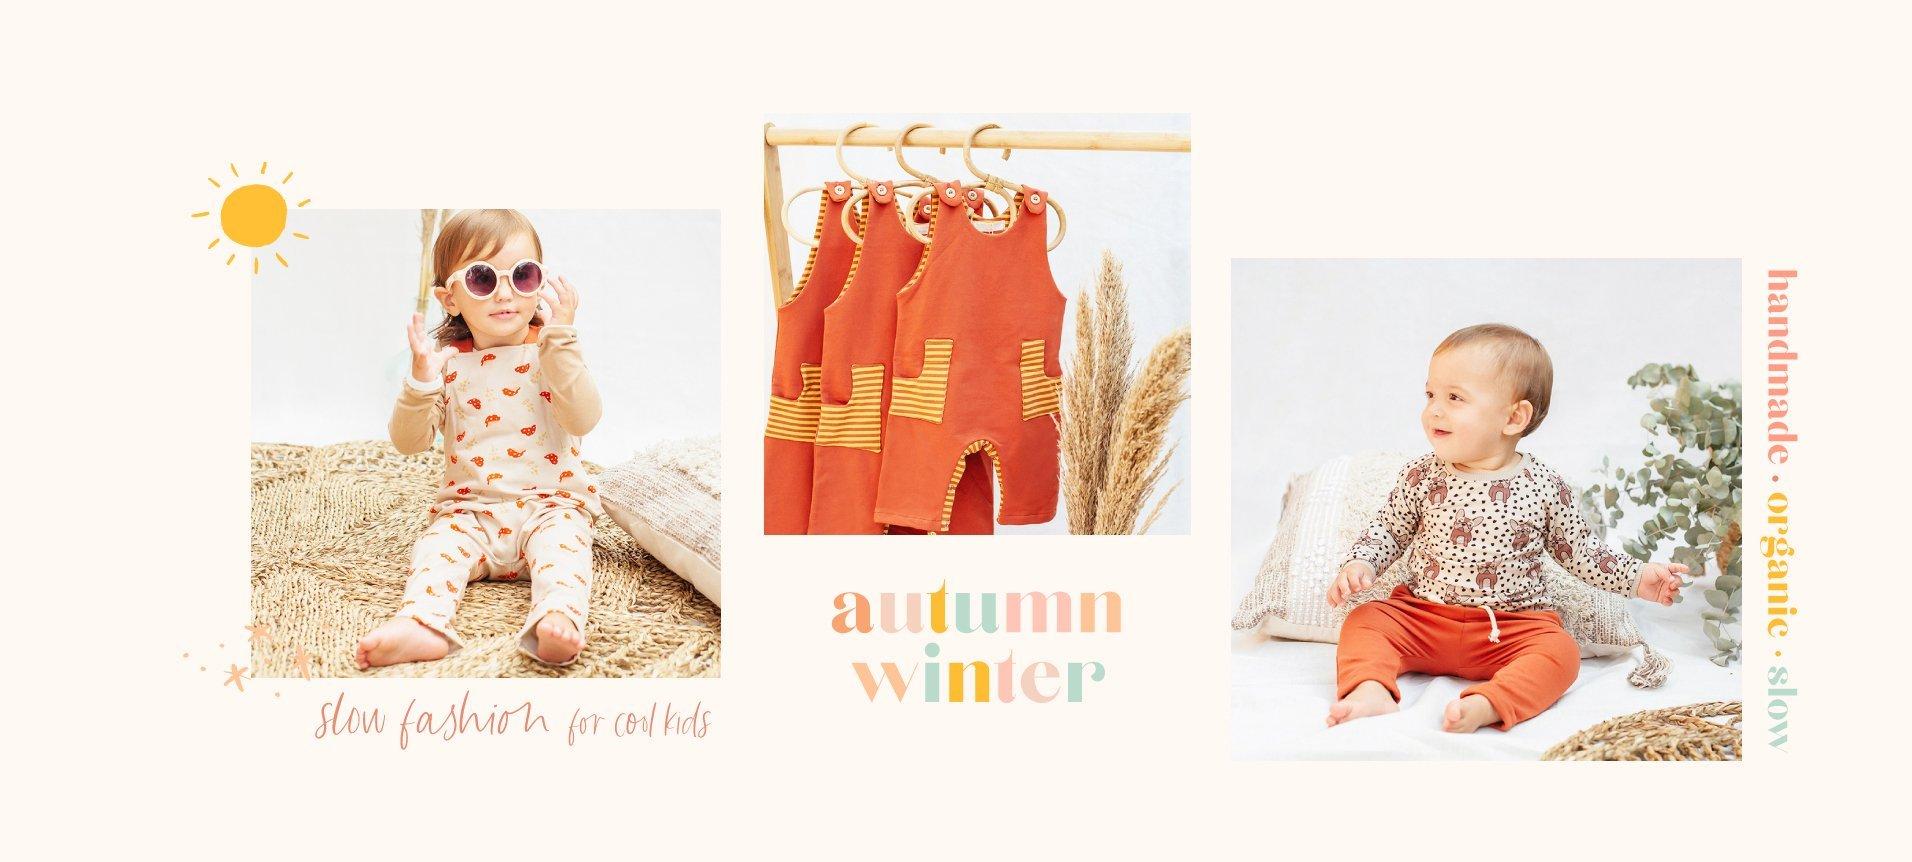 otoño invierno